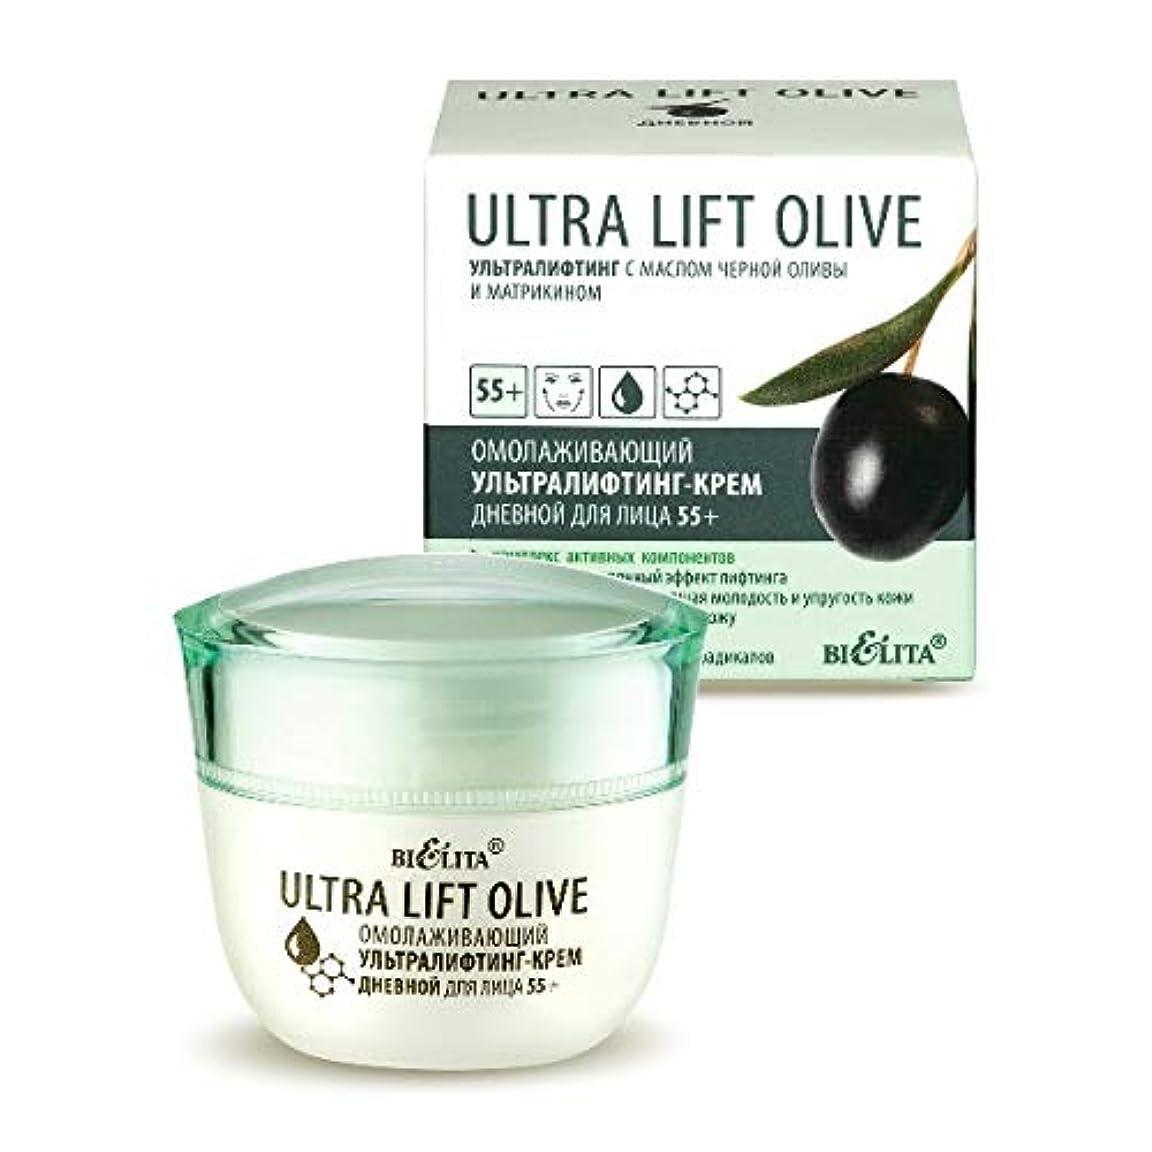 排気グレード専門化するBielita & Vitex   Ultra lift olive   Face Lift Cream daytime ultralighting-face cream 55+   reduces wrinkles and...